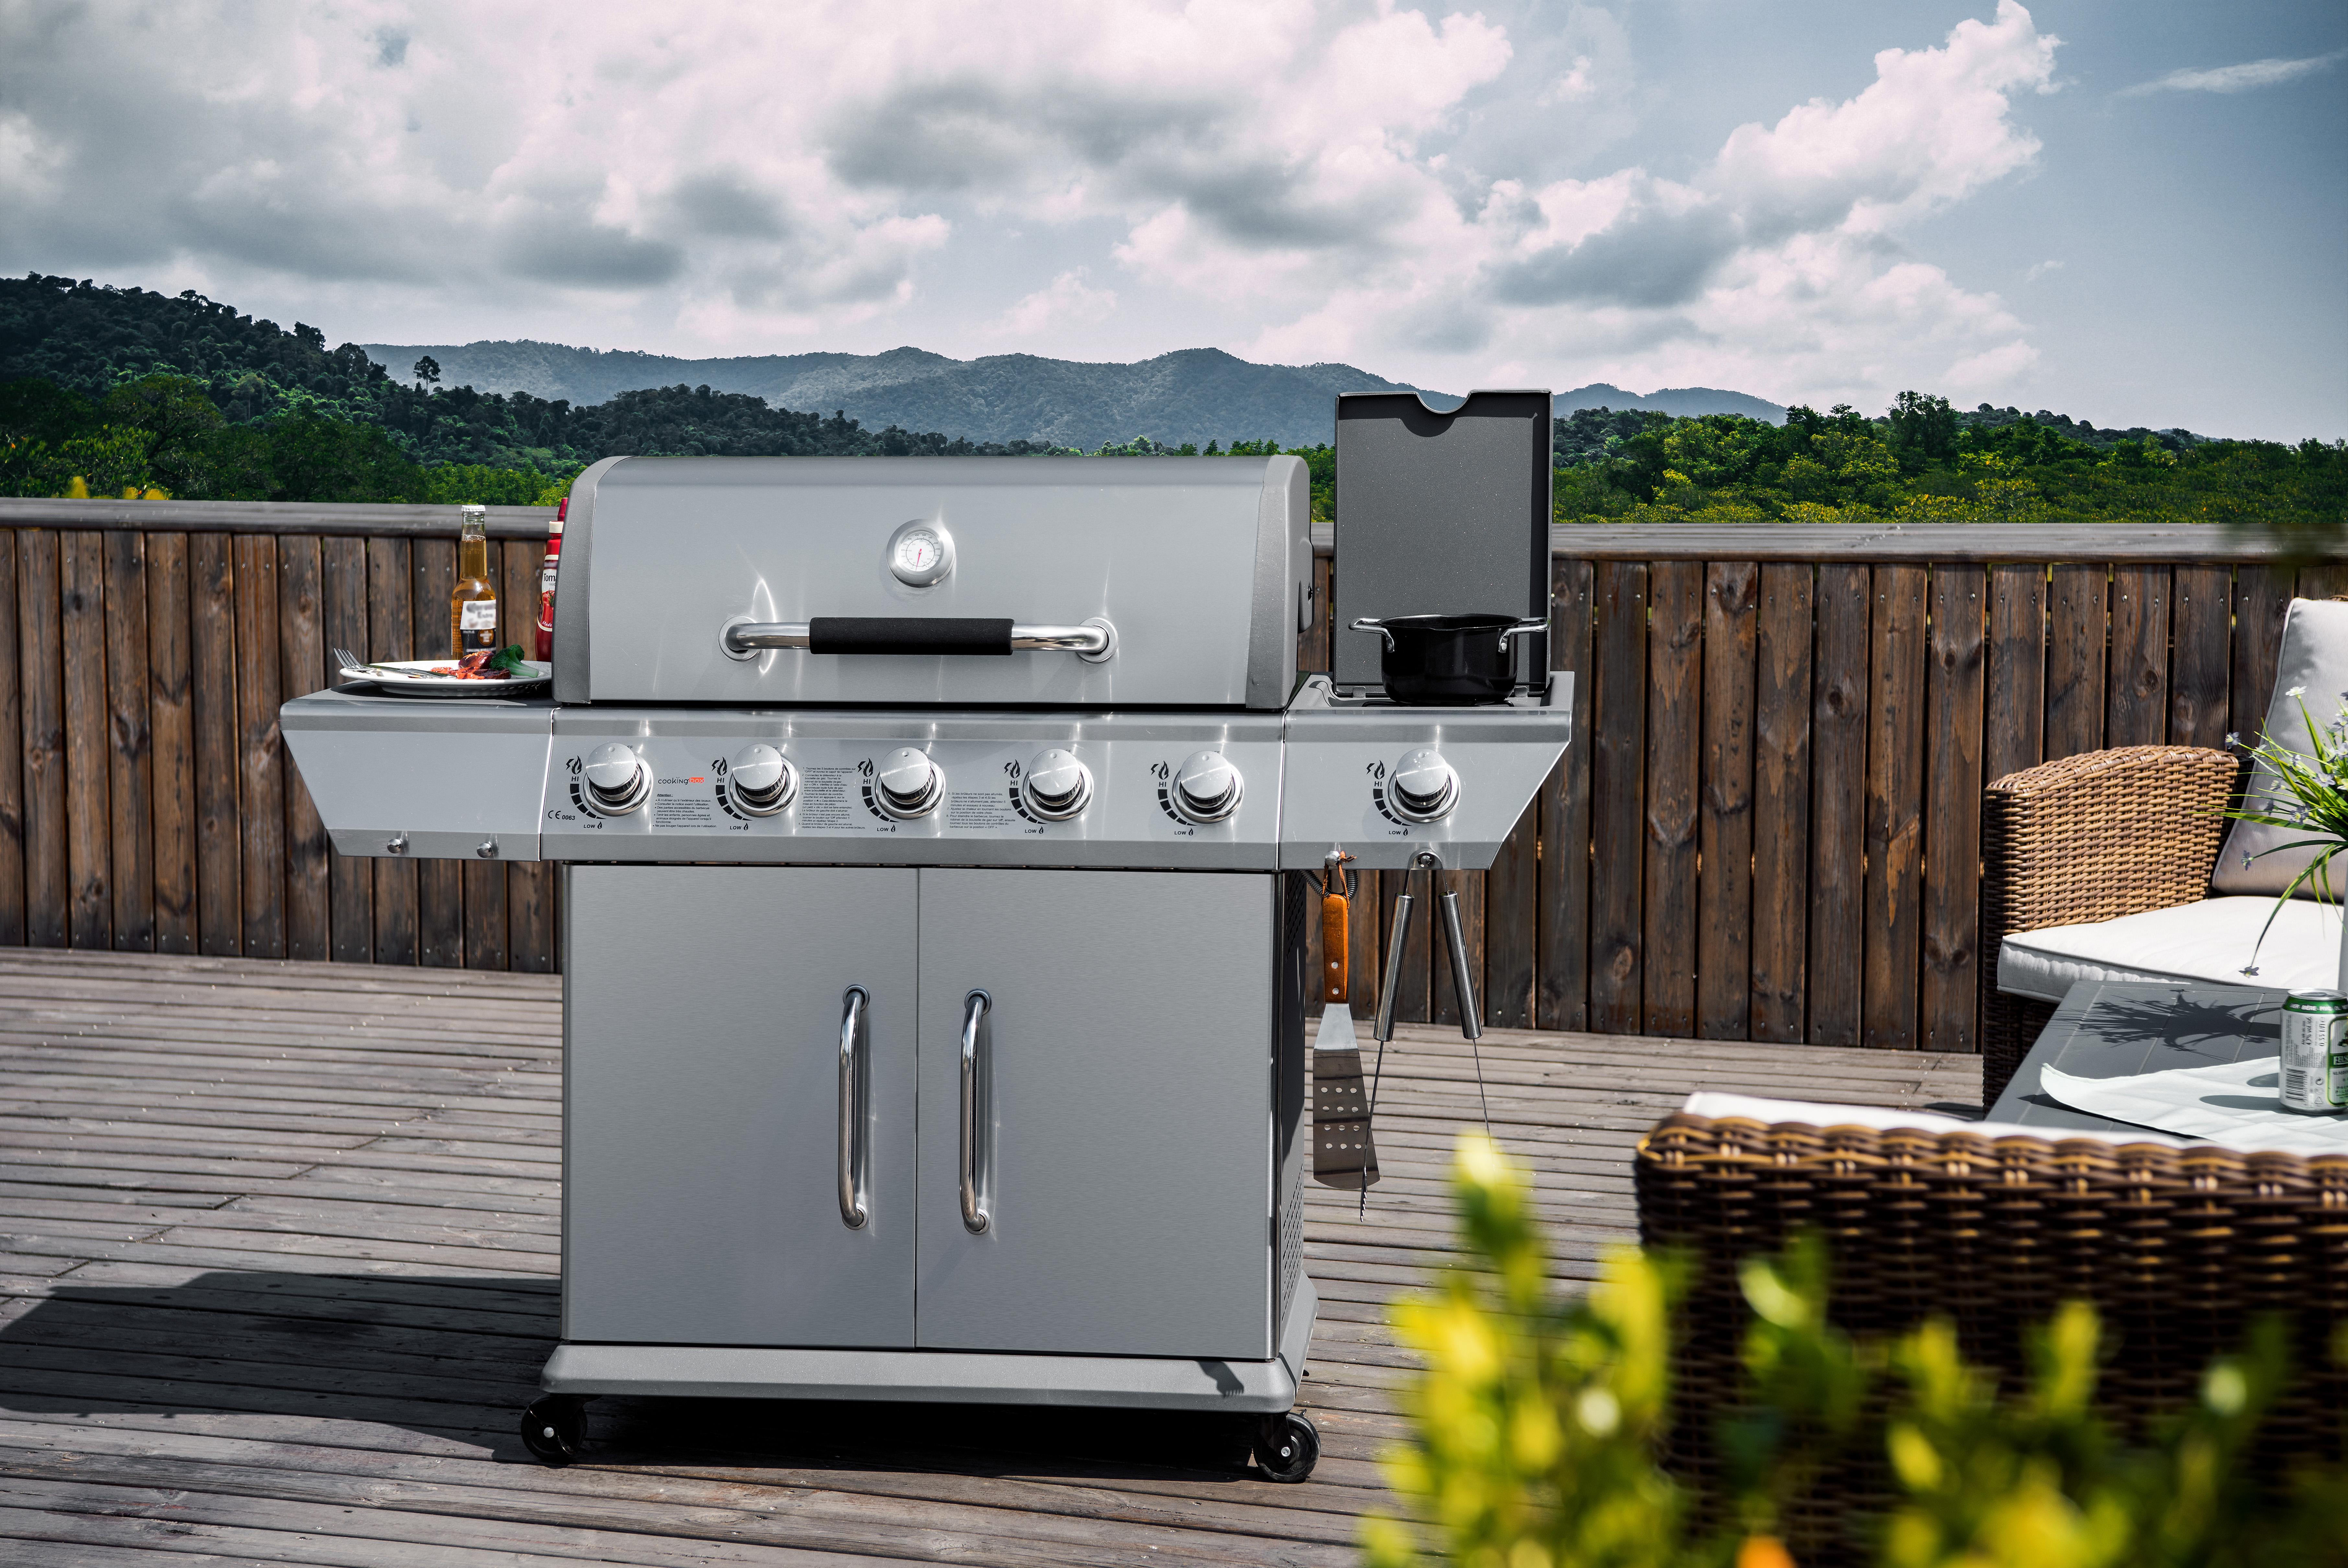 Nettoyer La Plancha En Fonte Émaillée cooking box barbecue à gaz duke - 5 feux + side - achat